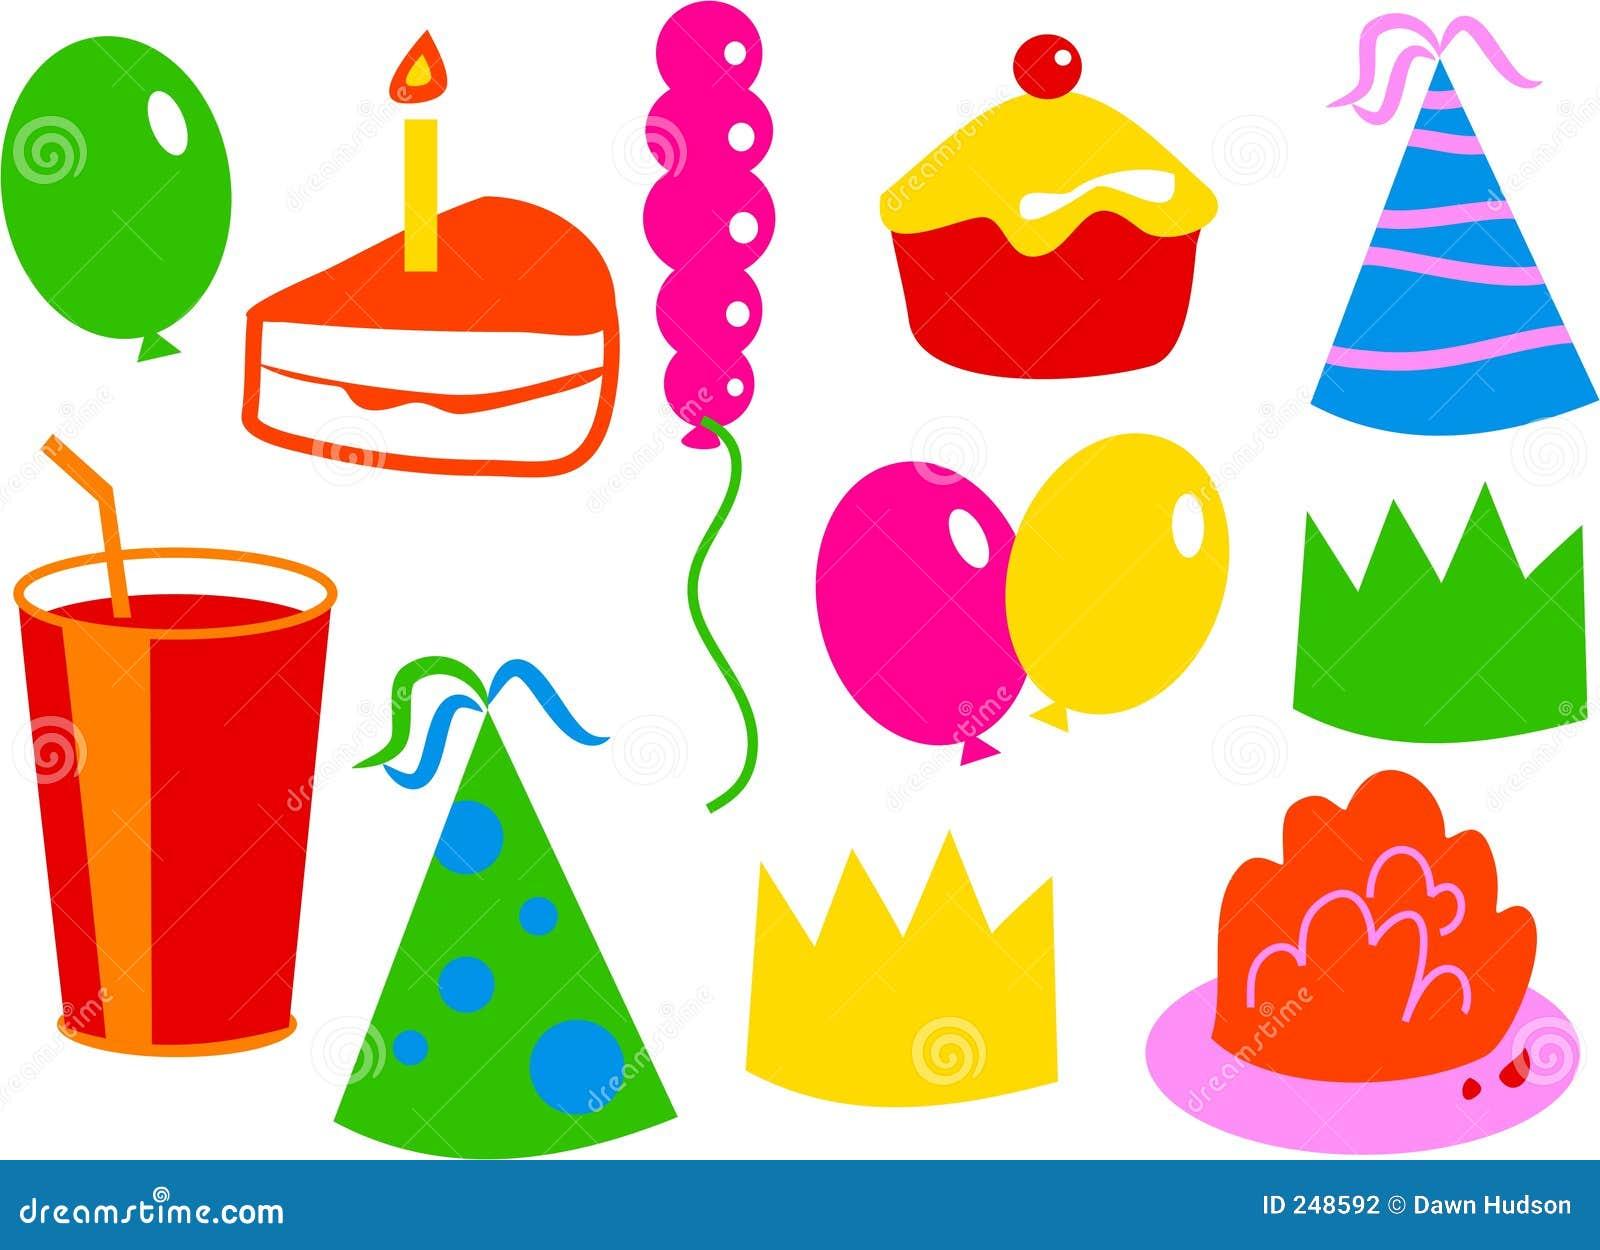 Iconos del cumplea os fotograf a de archivo imagen 248592 - Cosas para fiestas de cumpleanos ...